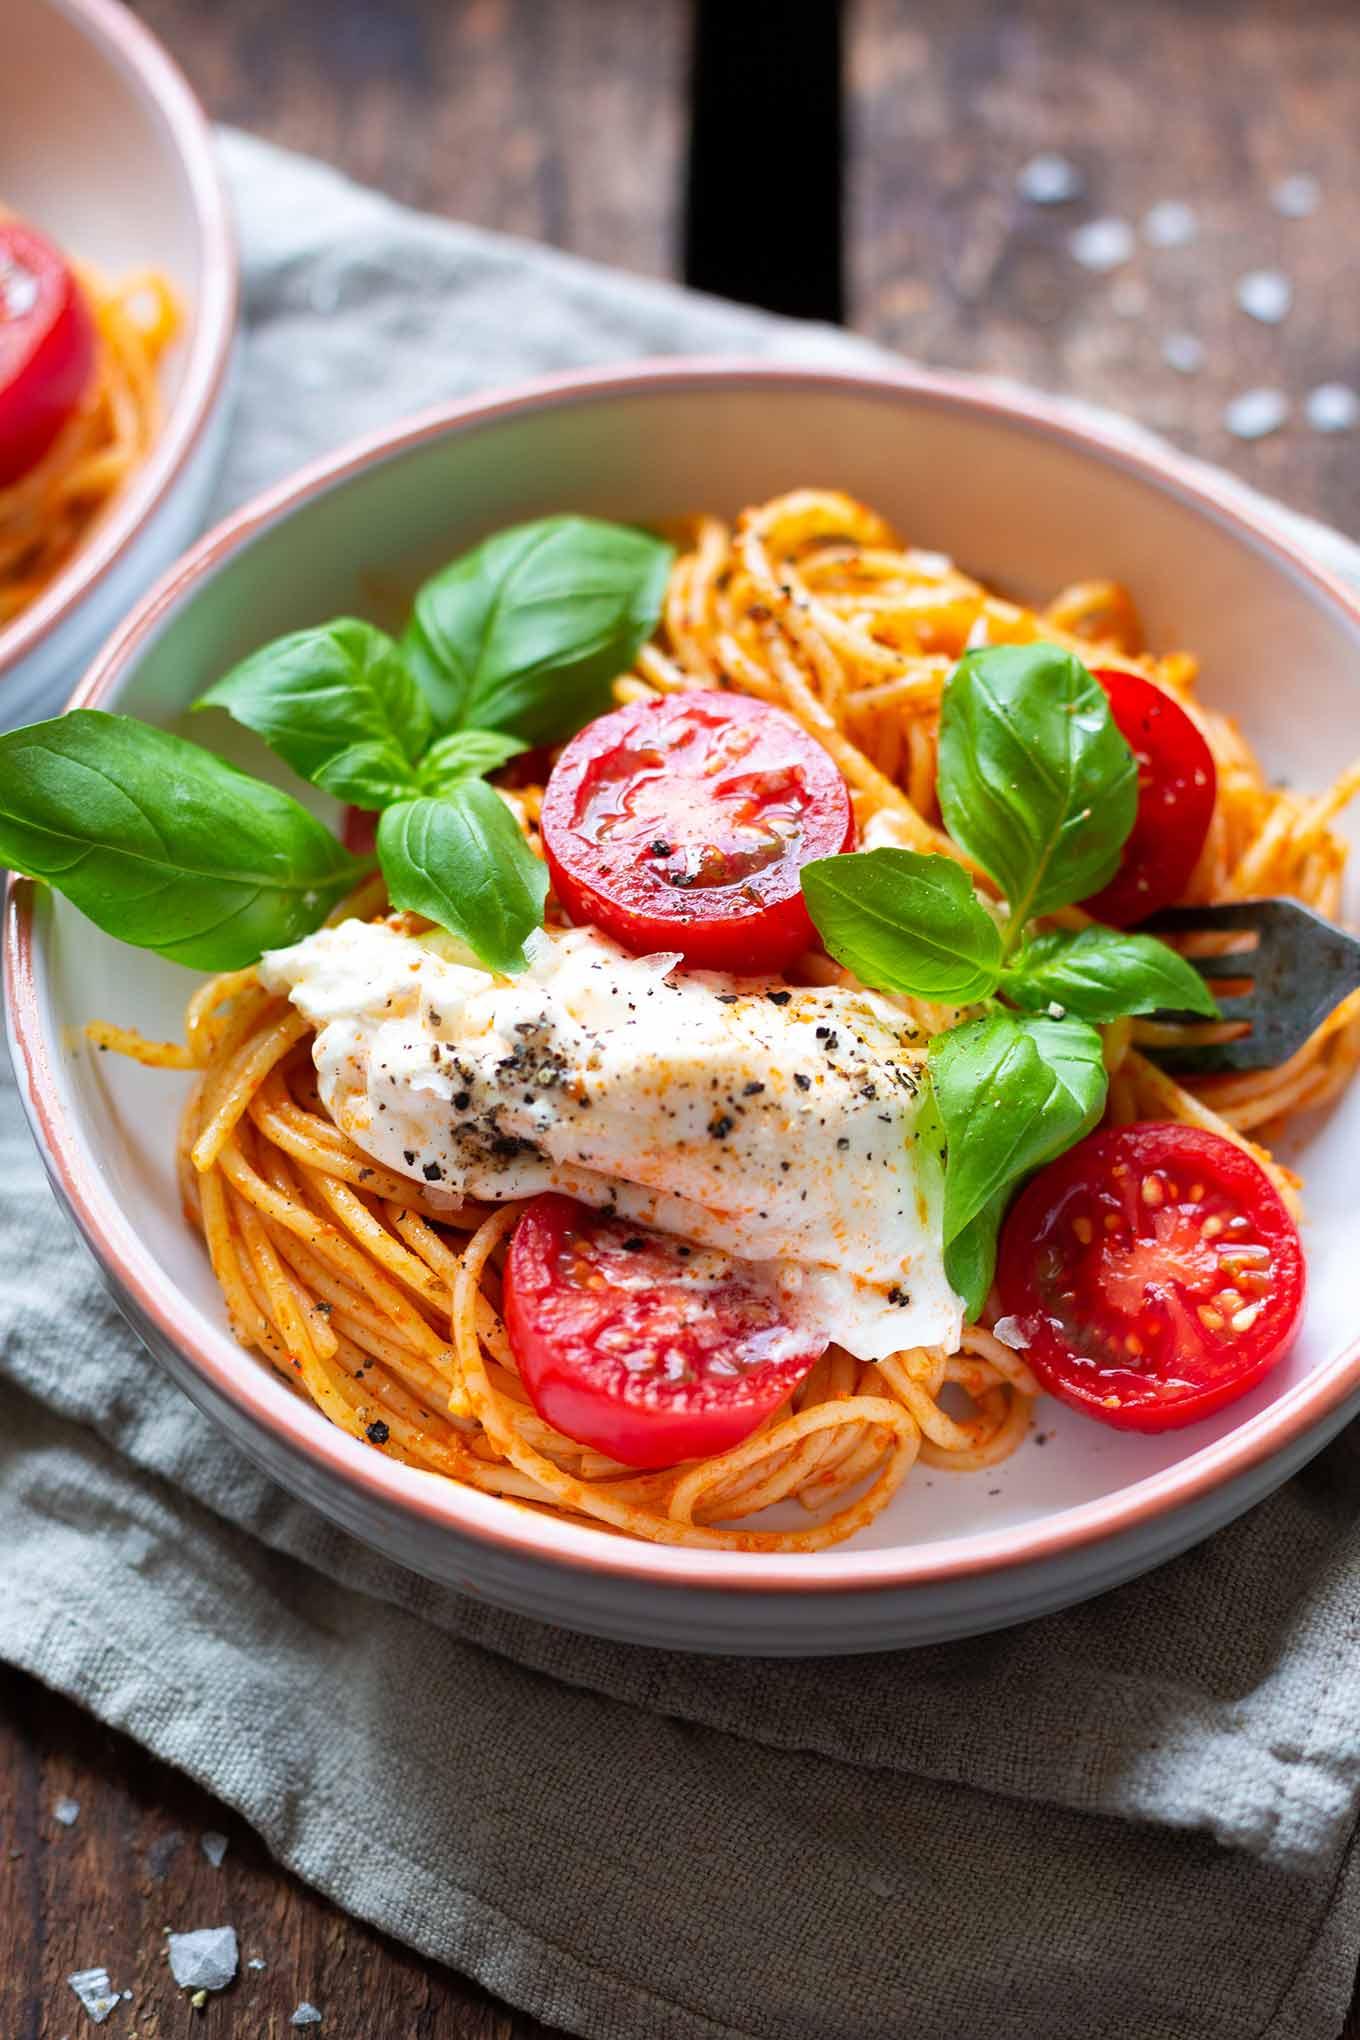 Tomaten-Pesto-Spaghetti mit Burrata und Basilikum und 10 weitere, leckere Tomatenrezepte warten auf dich. Die Tomatensaison ist im vollen Gange und im Kochkarussell findet ihr nun schnelle und leckere Rezeptideen, um eure selbstgeernteten Tomaten lecker zu verarbeiten. Kochkarussell - Foodblog für schnelle und einfache Feierabendküche